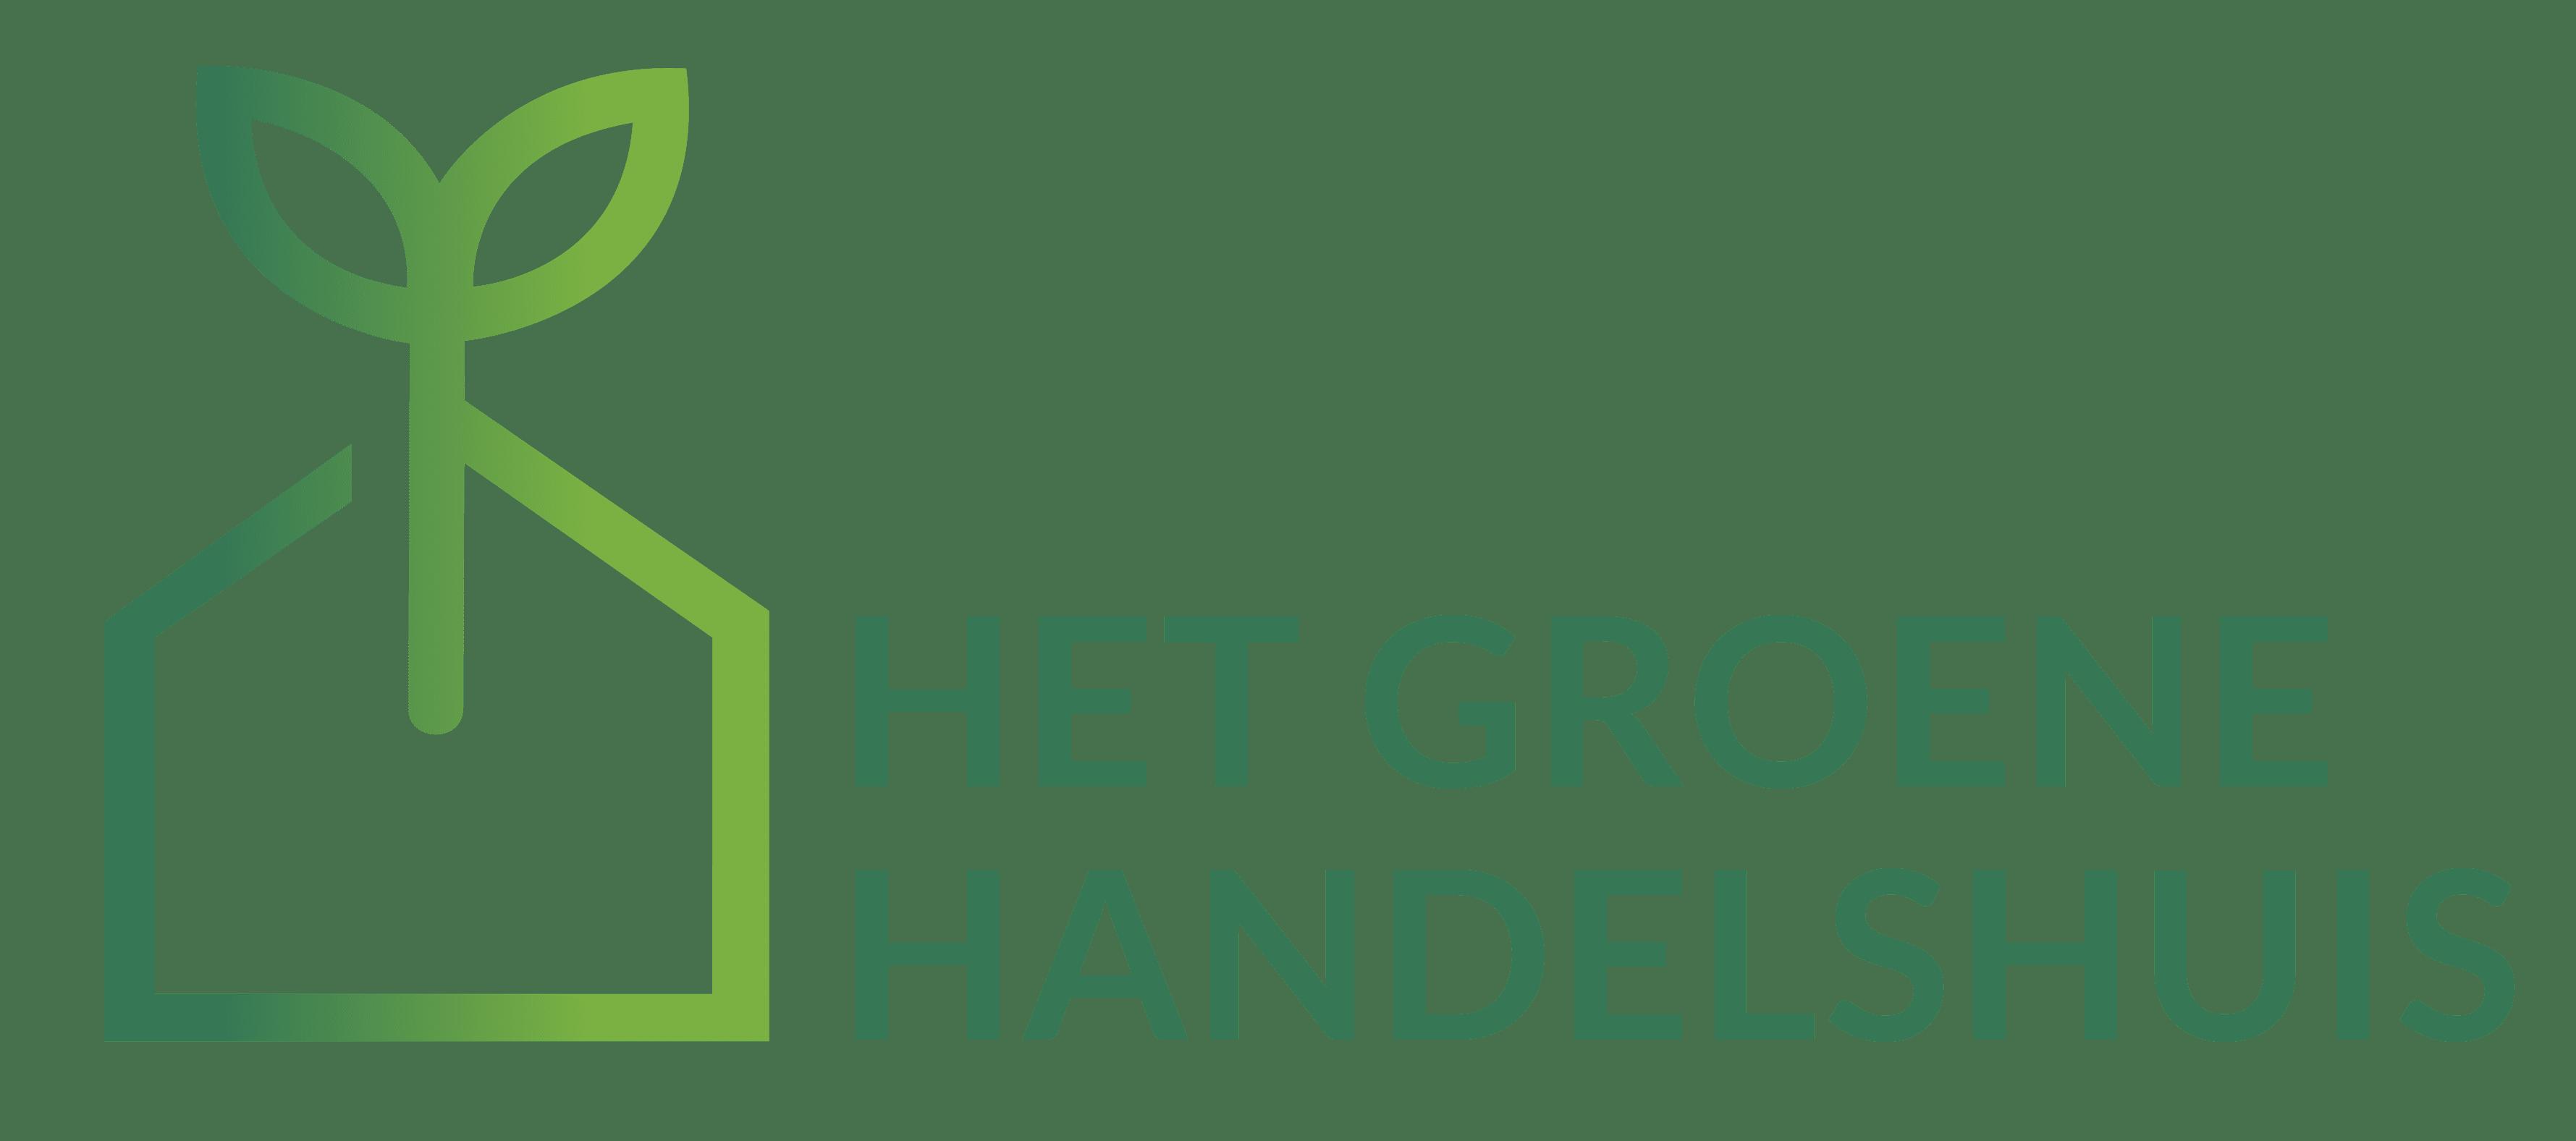 https://www.enrichvisuals.nl/wp-content/uploads/2019/12/Logo-2-Het-Groene-Handelshuis.png